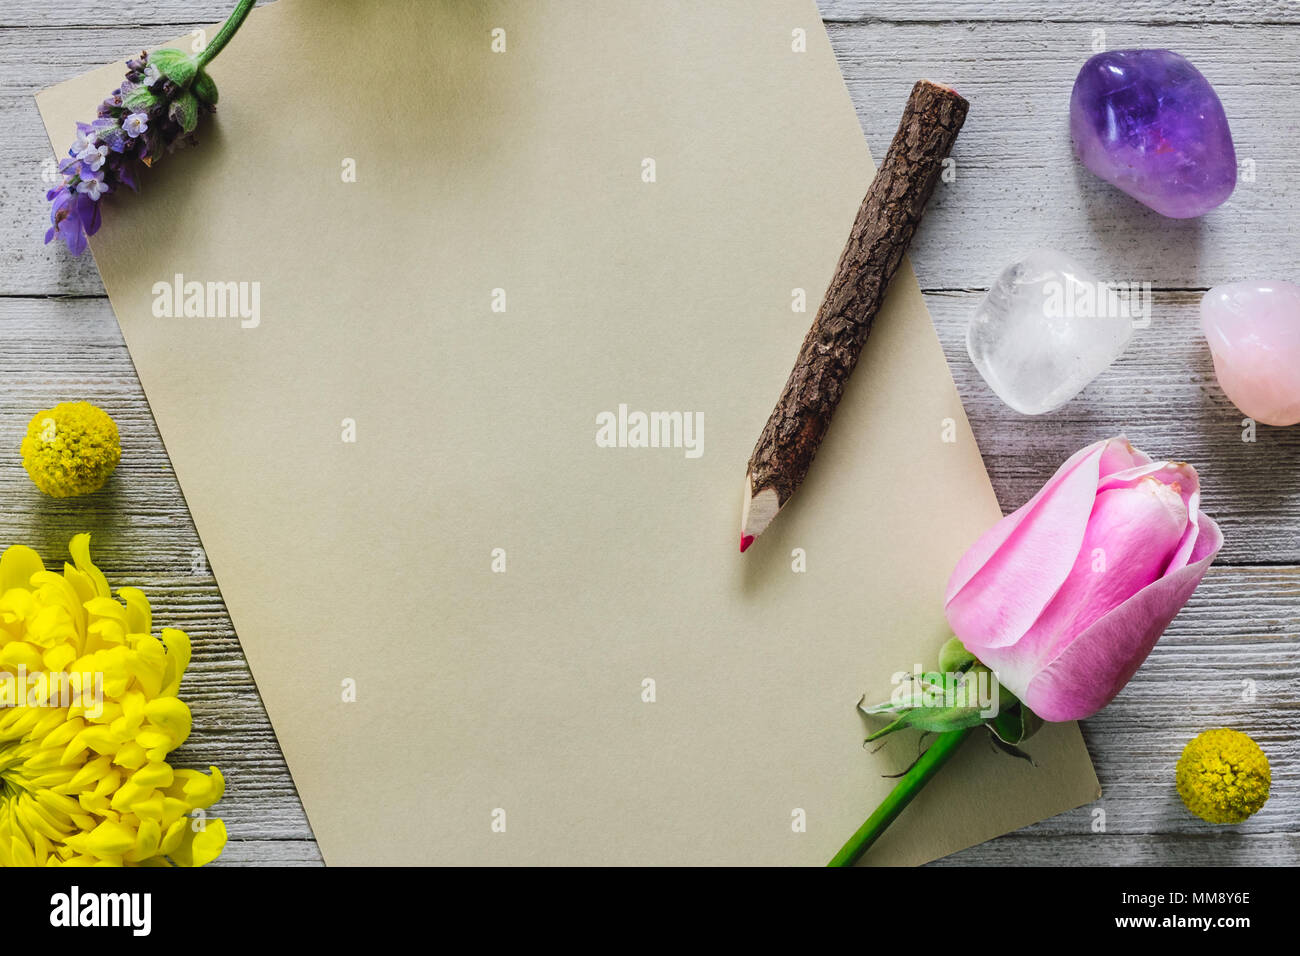 Leeres Papier Mit Bleistift Blumen Lavendel Und Steine